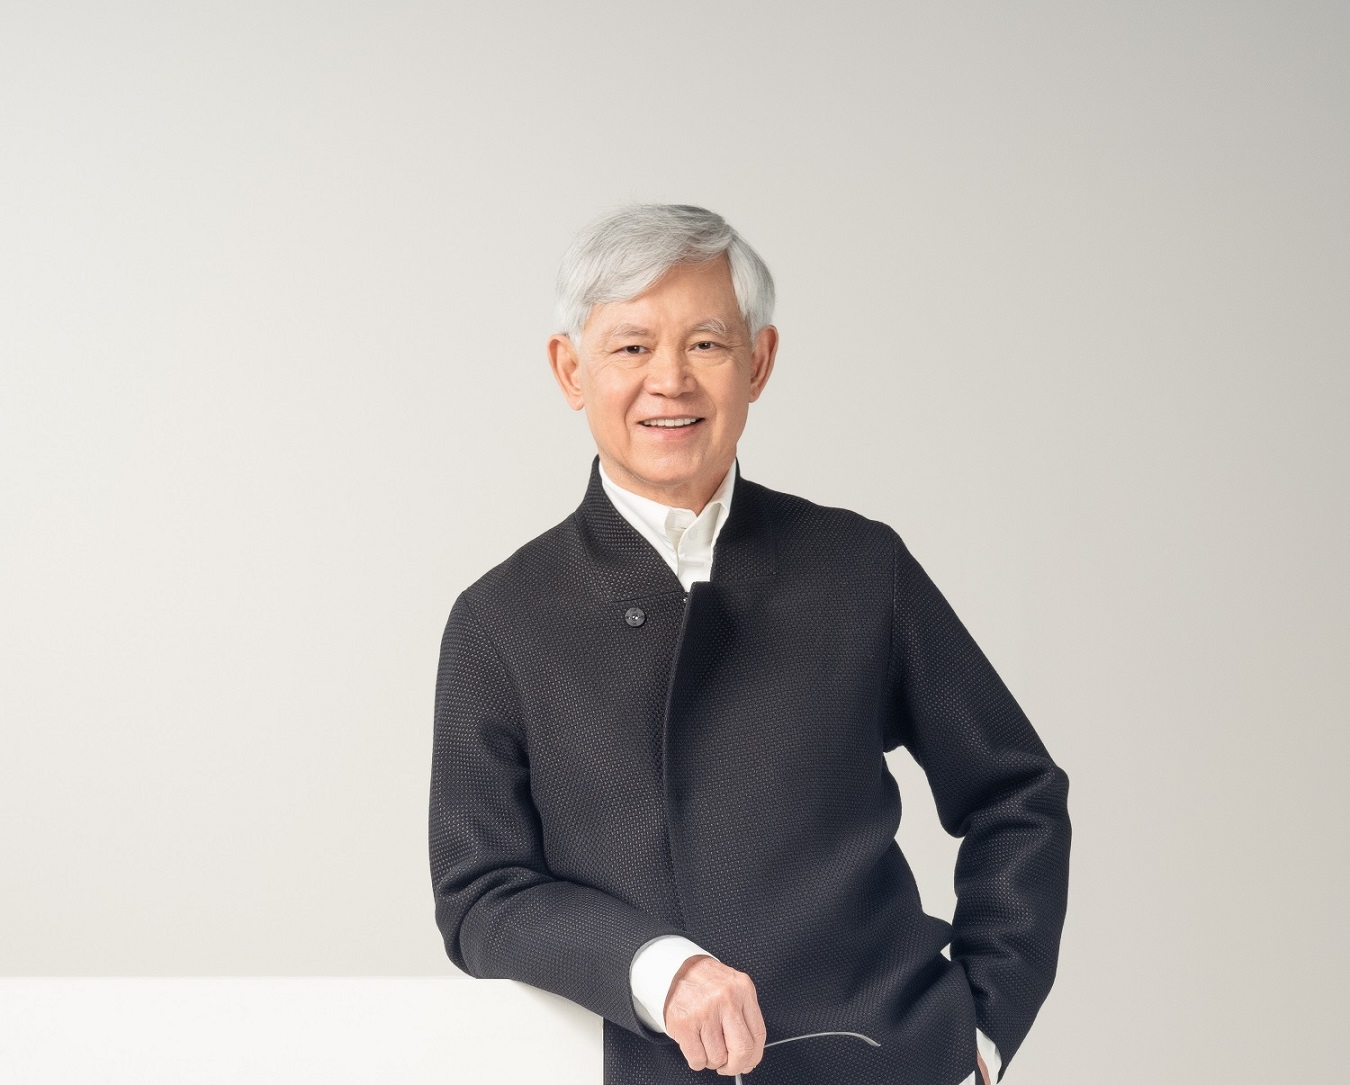 推廣台灣設計有成 張光民榮膺2020金點設計獎「最佳設計成就獎」